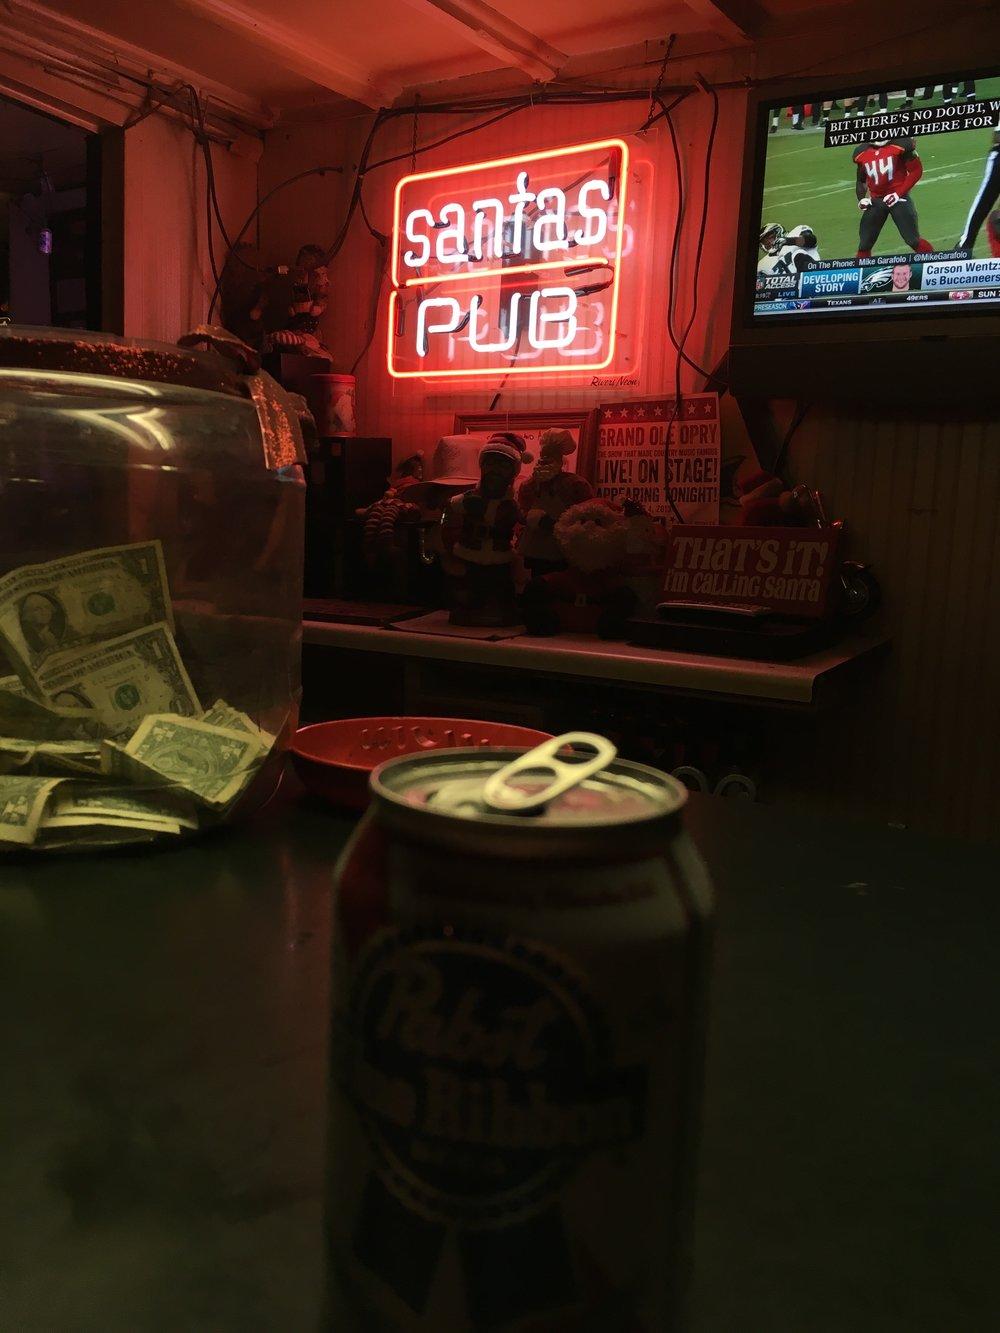 Santa's pub has $2 PBR, as all dive bars should